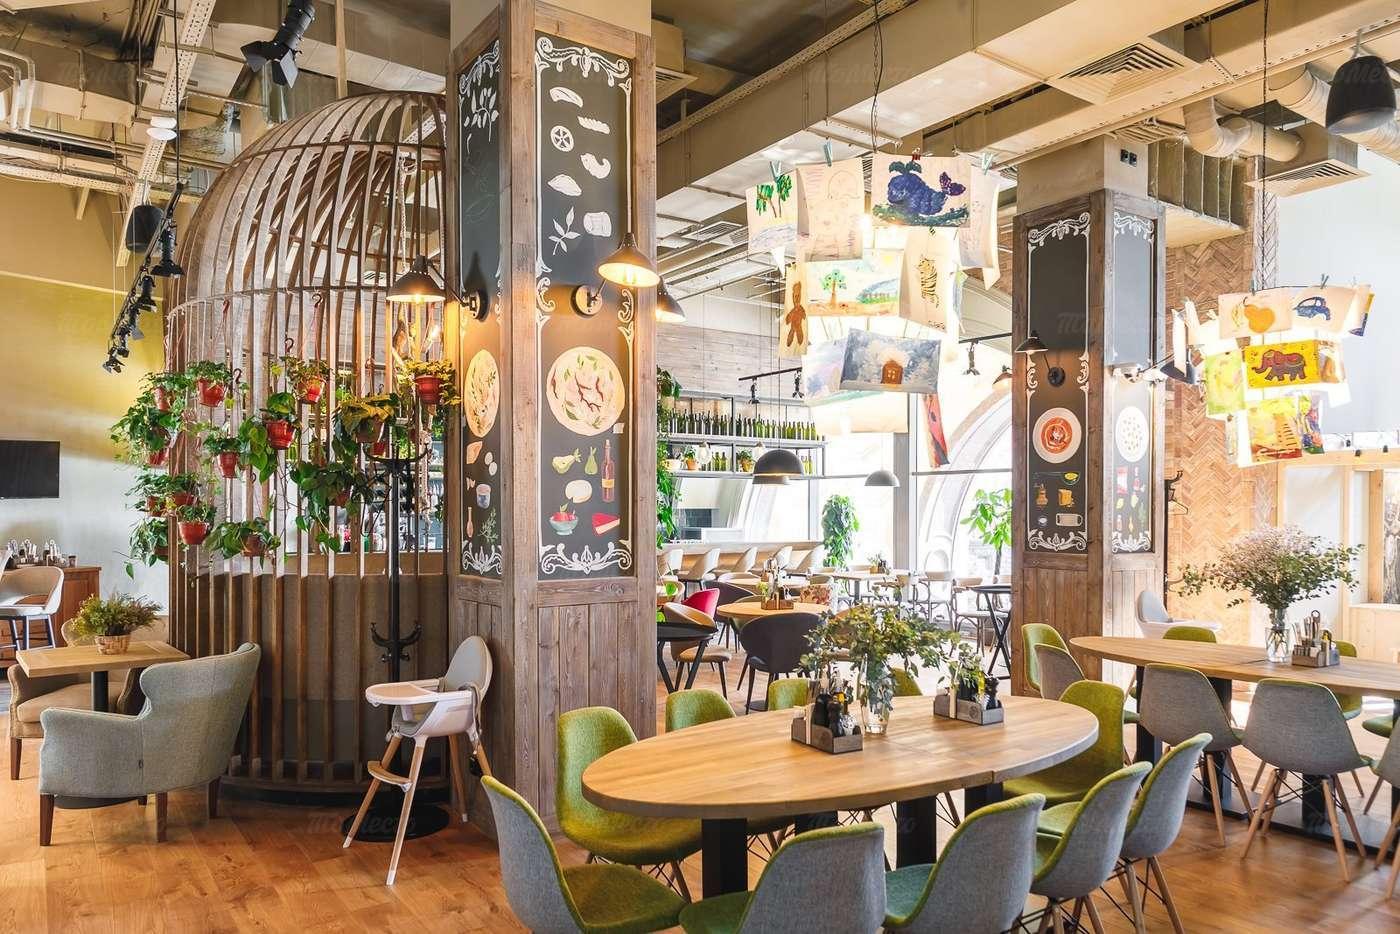 Ресторан Osteria Mario (Остерия Марио) в Театральном проезде